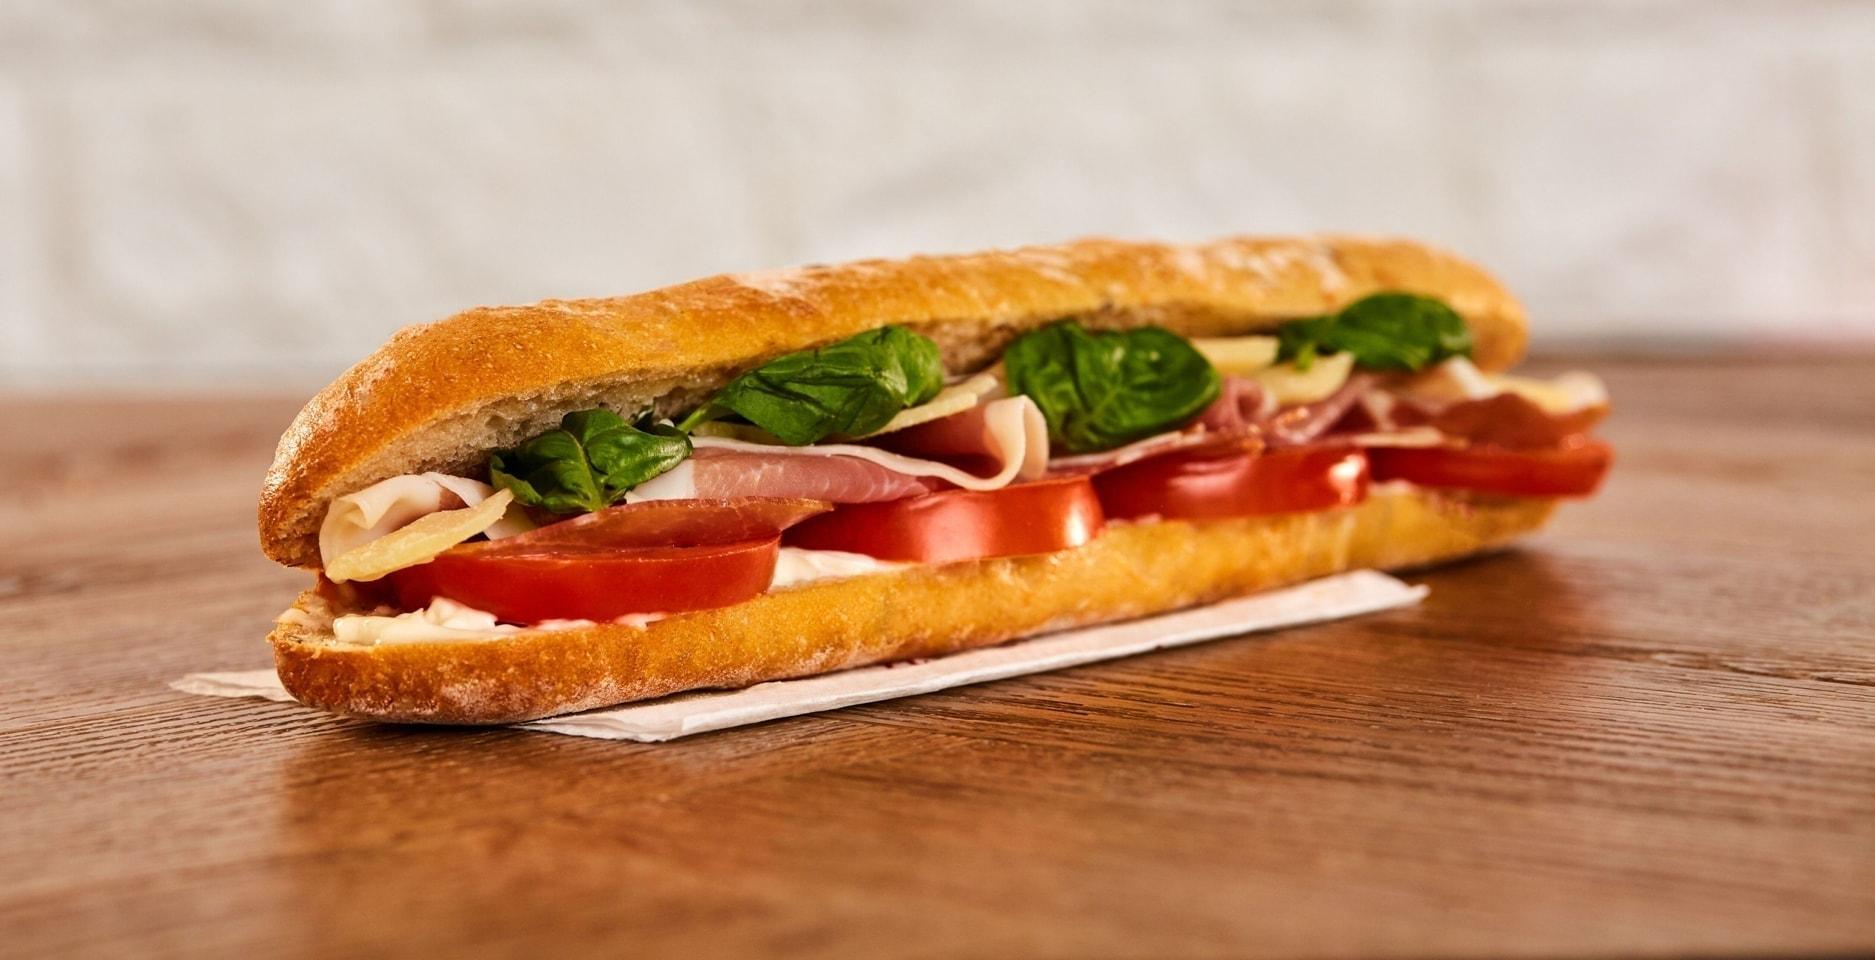 Pret baguette italian prosciutto